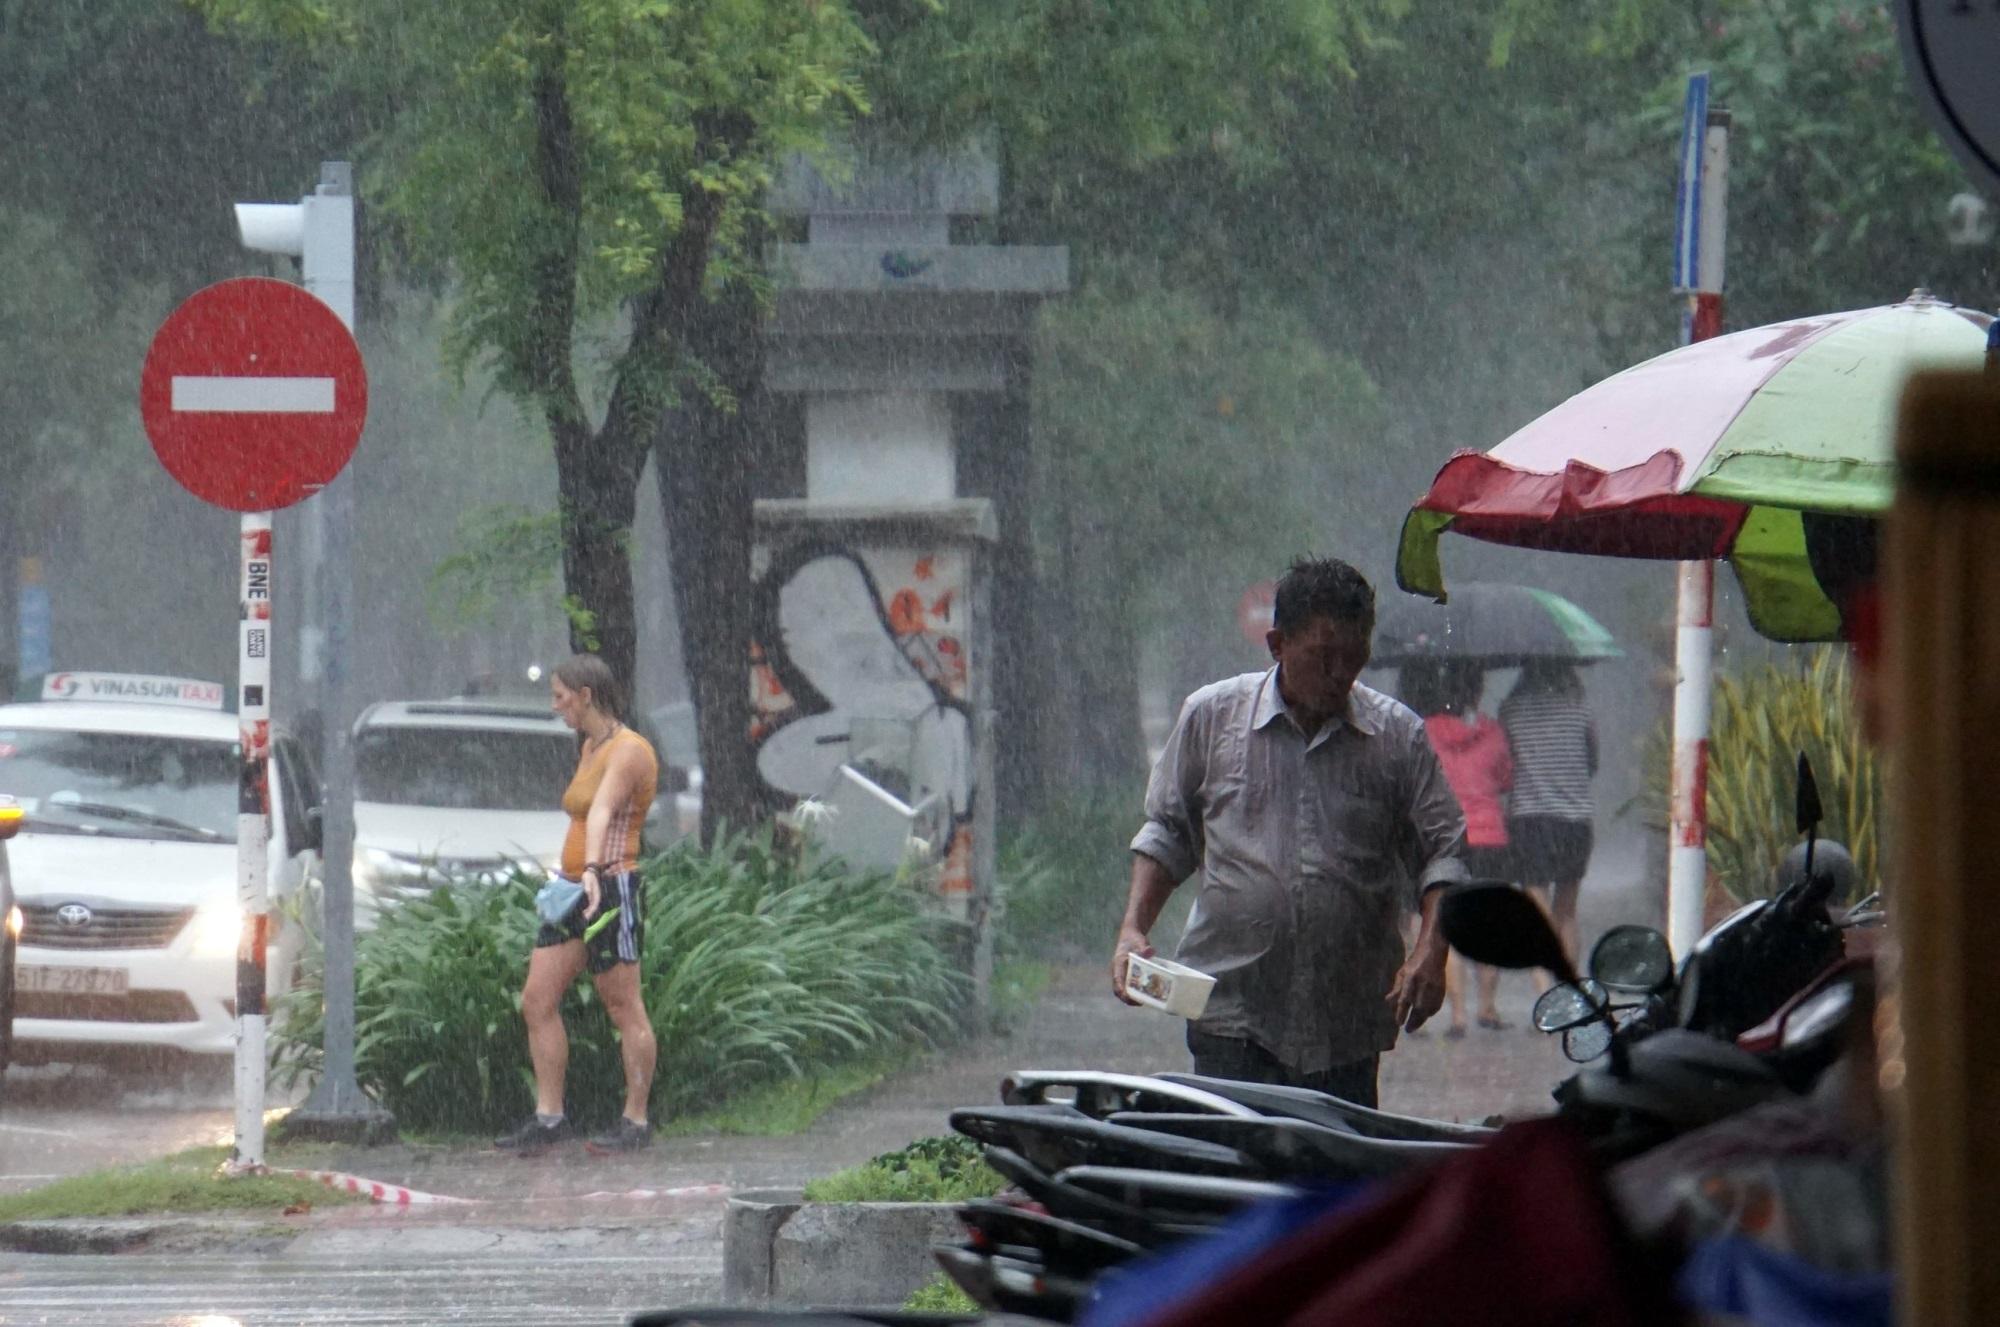 Sài Gòn mưa như trút nước, du khách thoải mái dạo mưa chụp ảnh - Ảnh 9